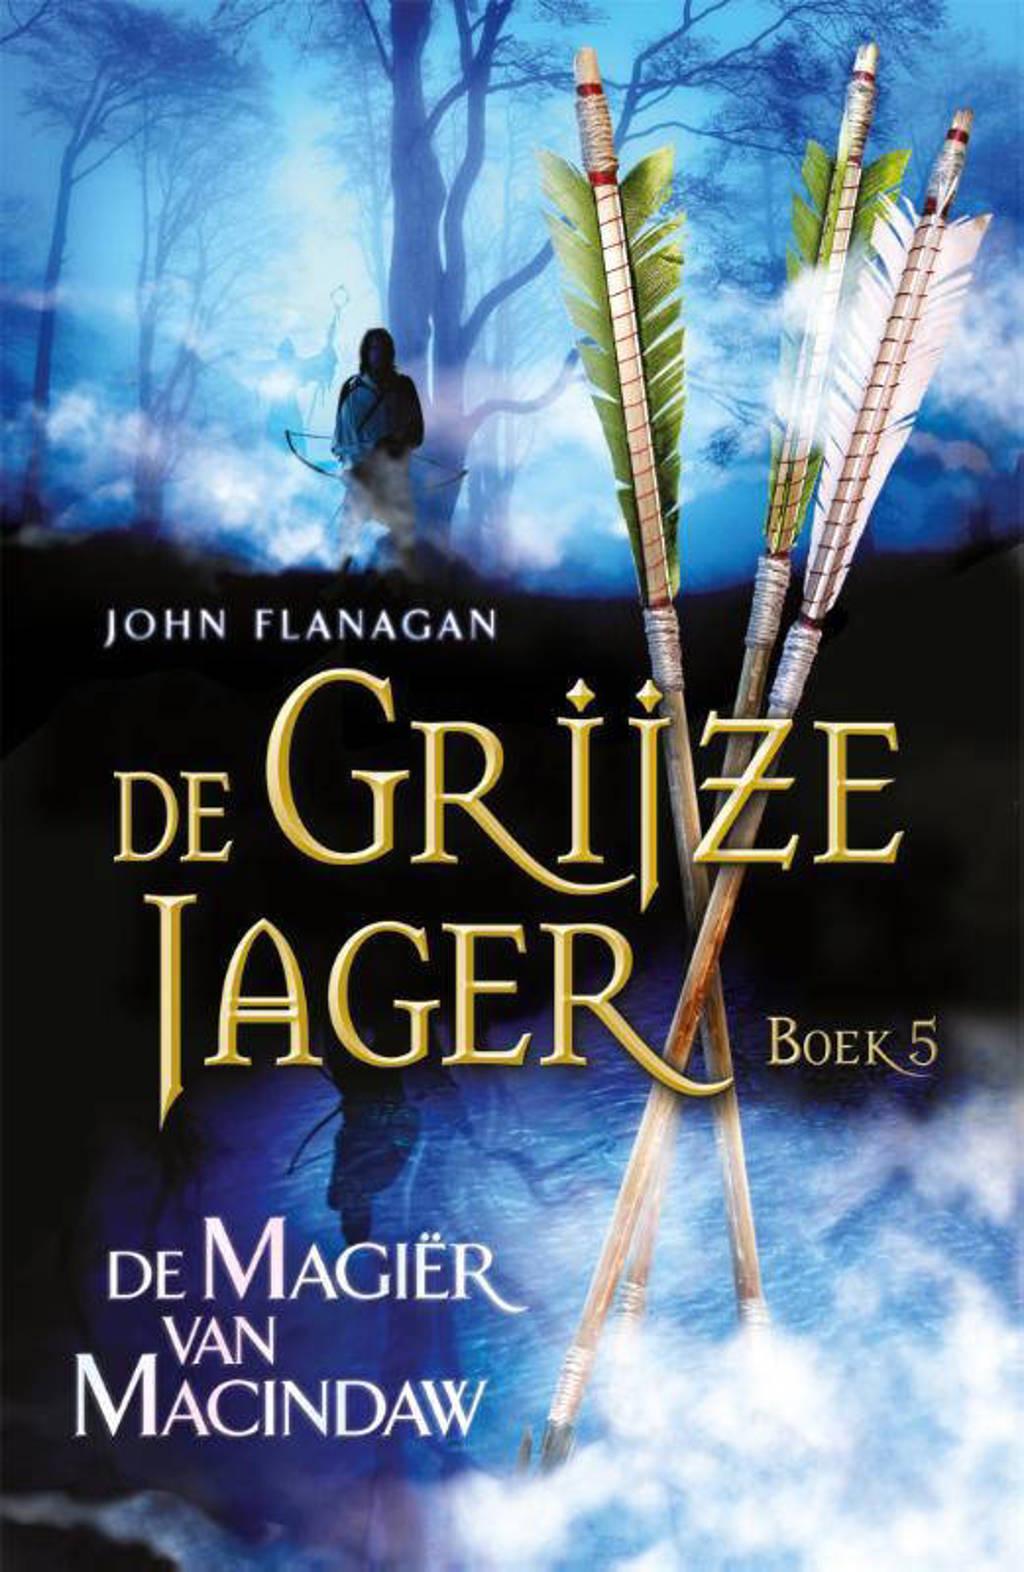 De Grijze Jager: De magier van Macindaw - John Flanagan